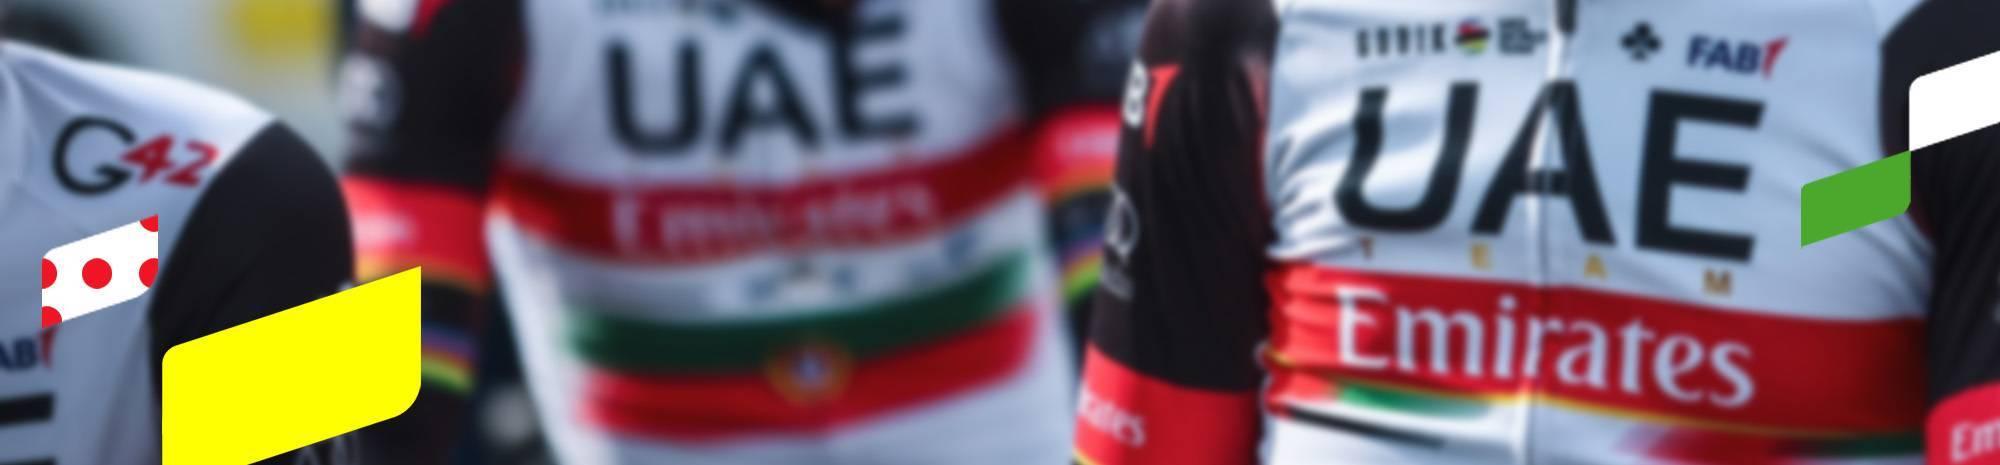 Header: UAE TEAM EMIRATES